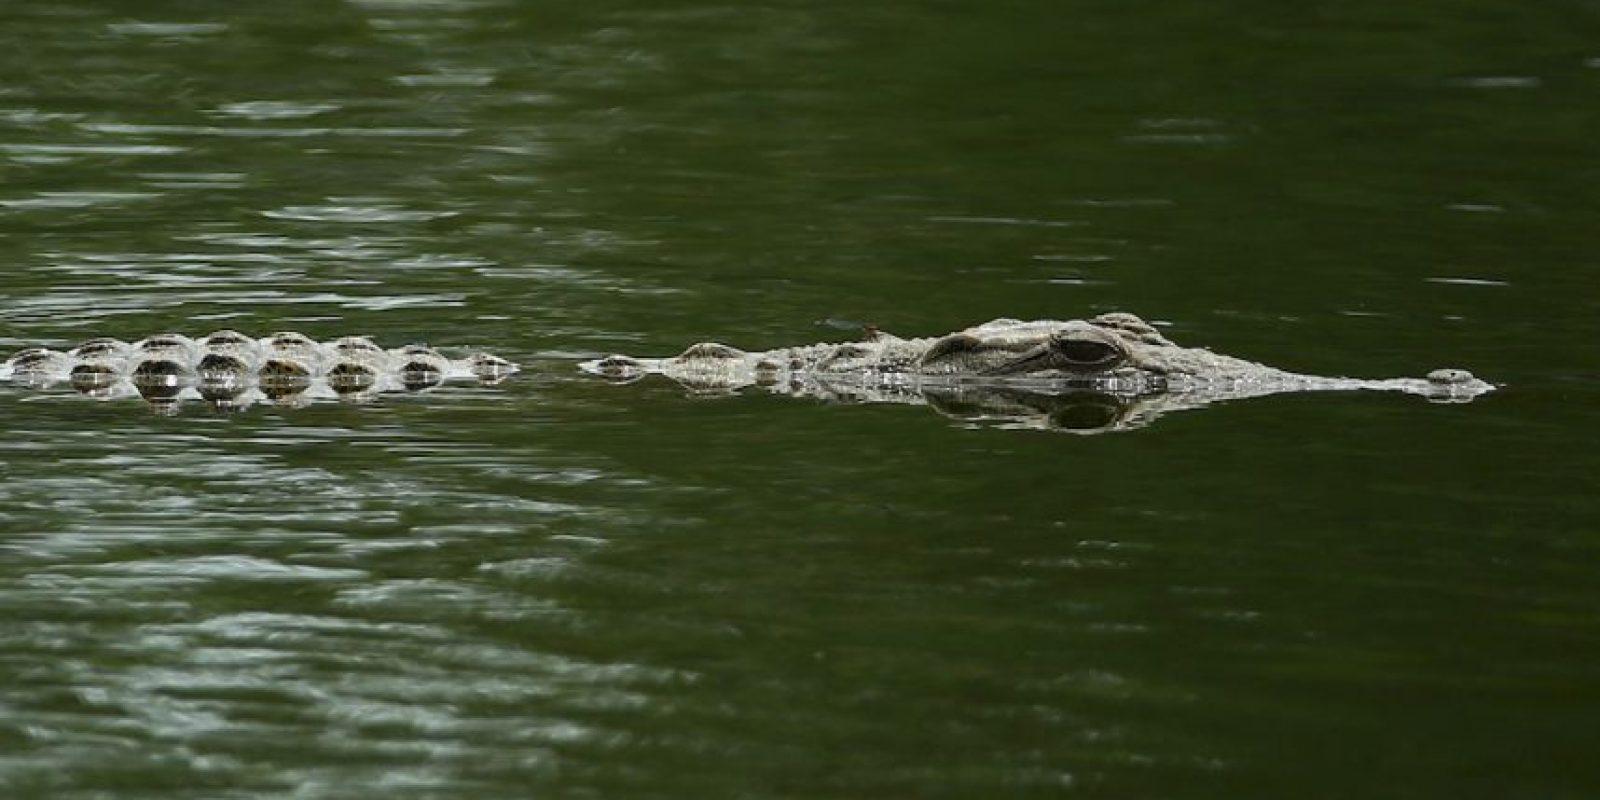 Viven comunmente en ambientes de agua dulce. Foto:Getty Images